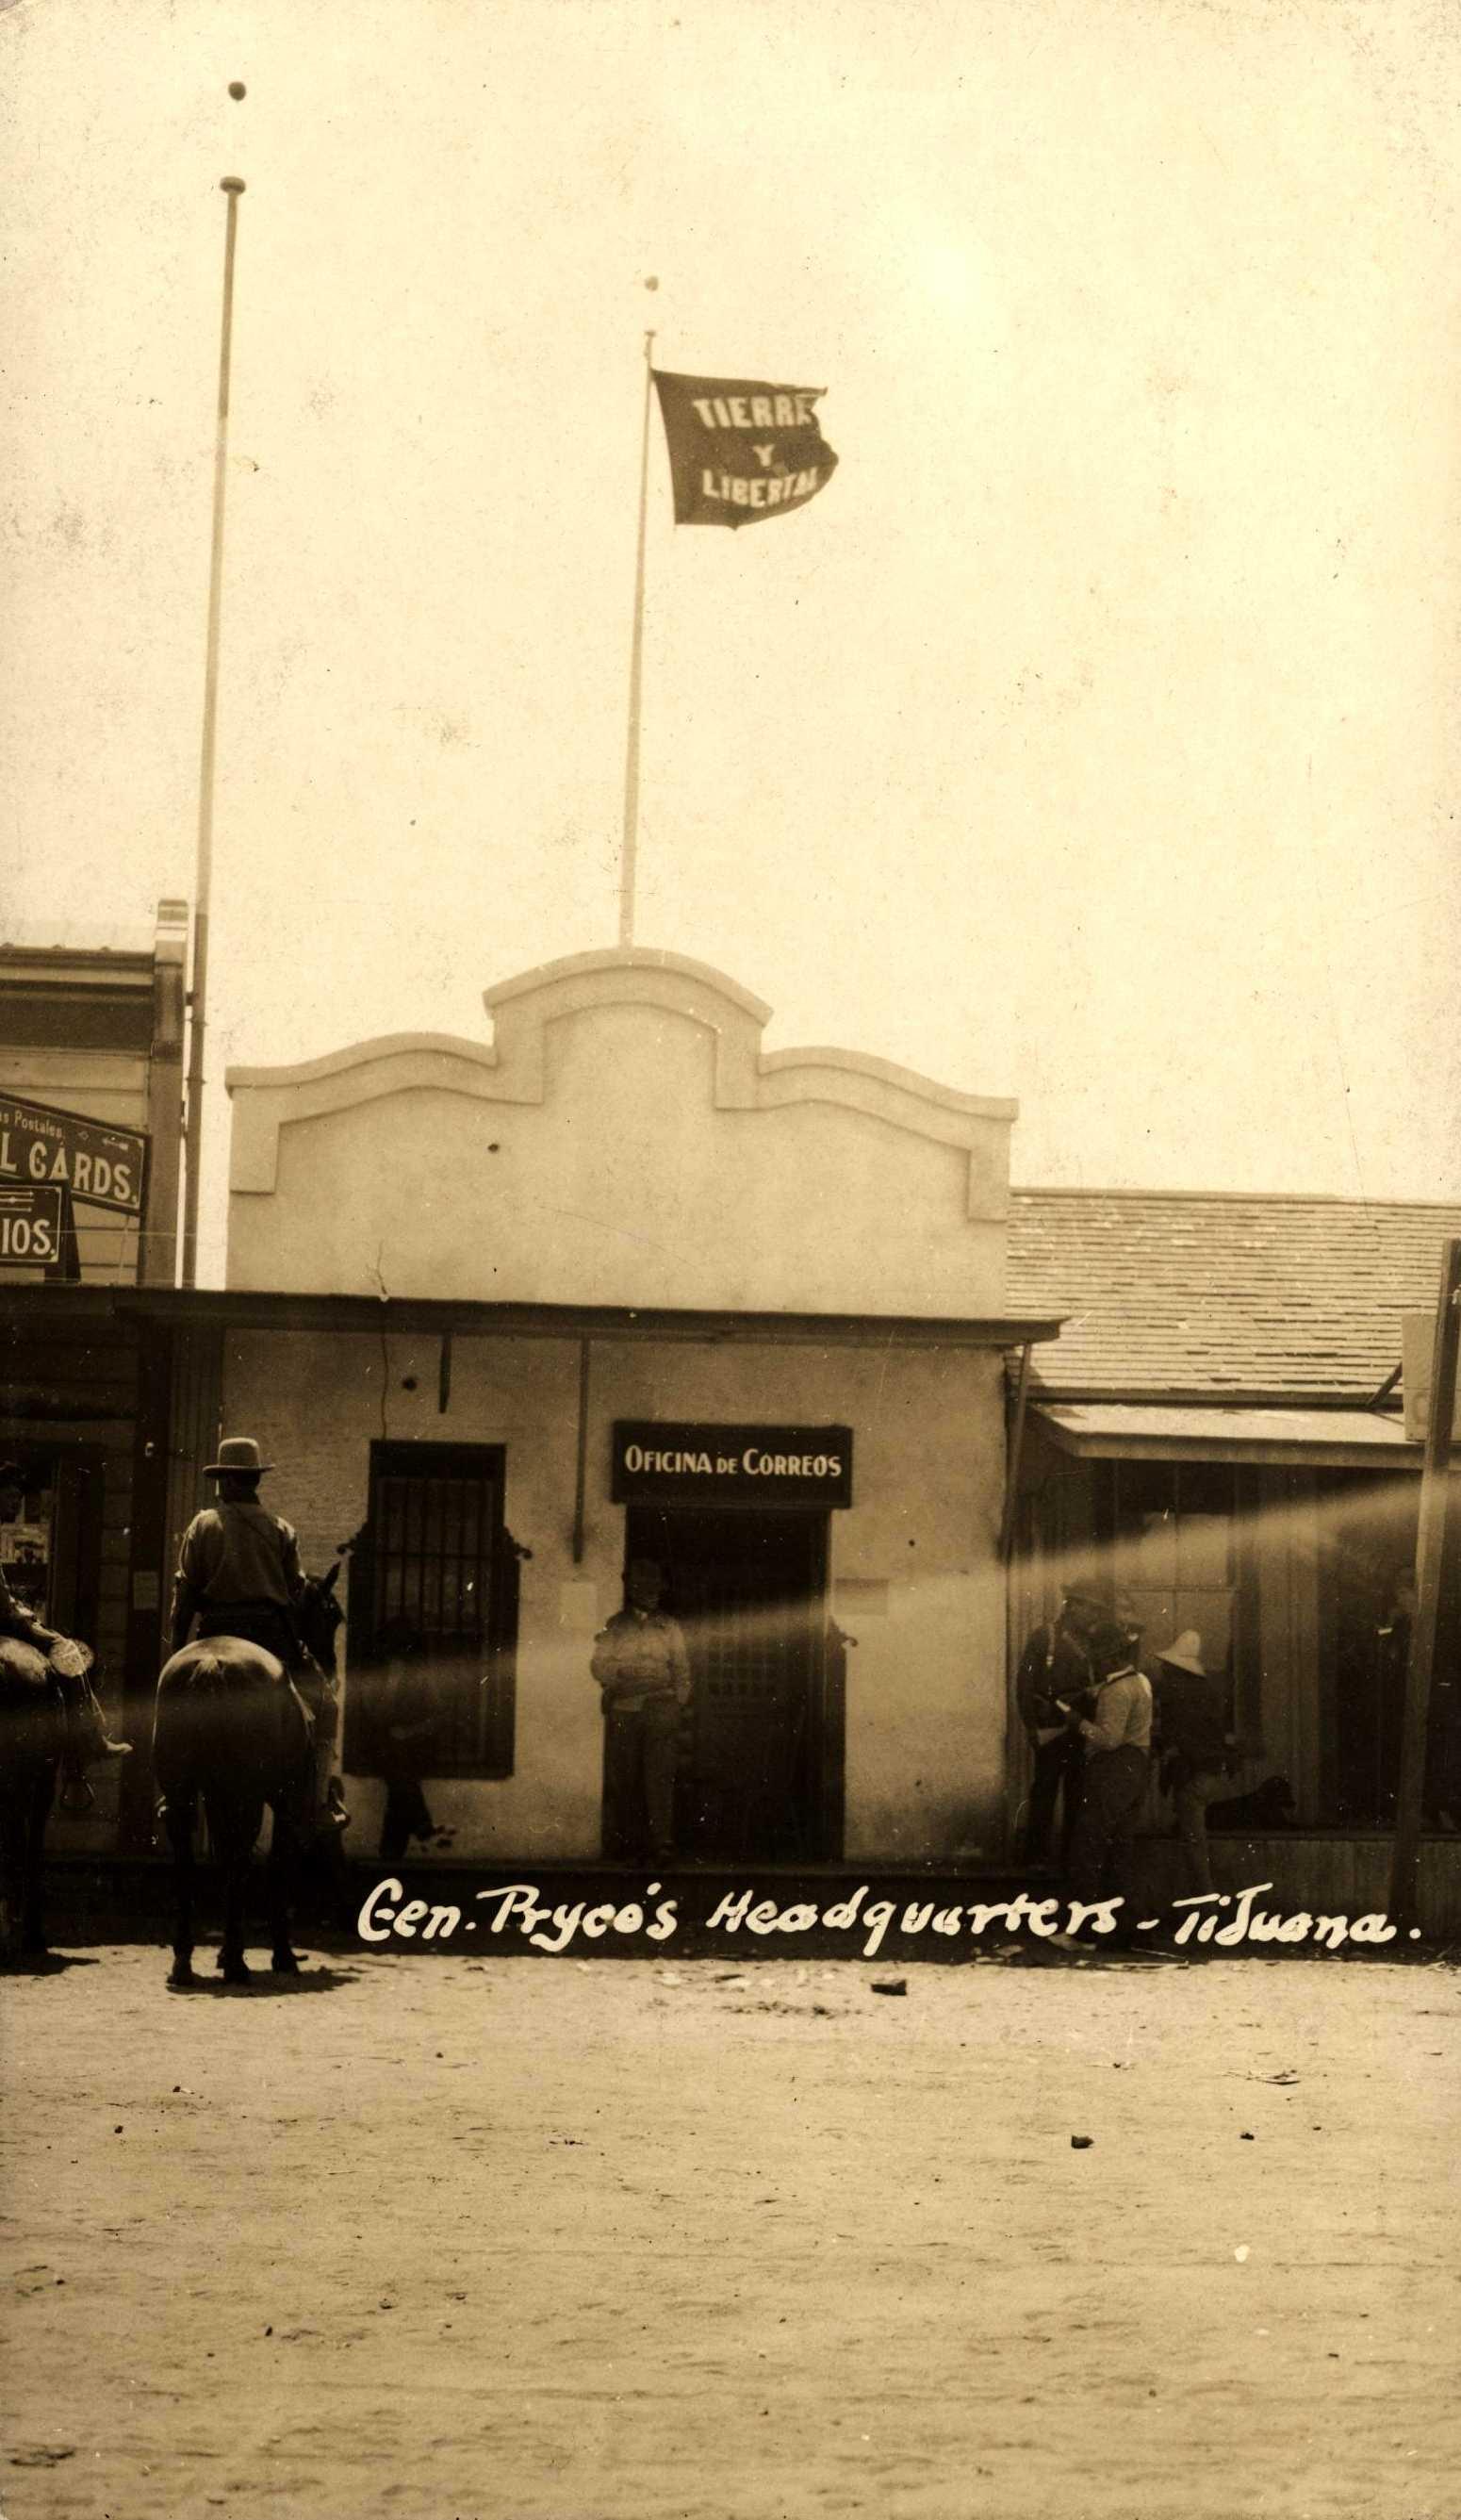 """Guerrillers magonistes amb la bandera de """"Tierra y Libertad"""" durant la insurrecció de la Baixa Califòrnia (Tijuana, 1911)"""